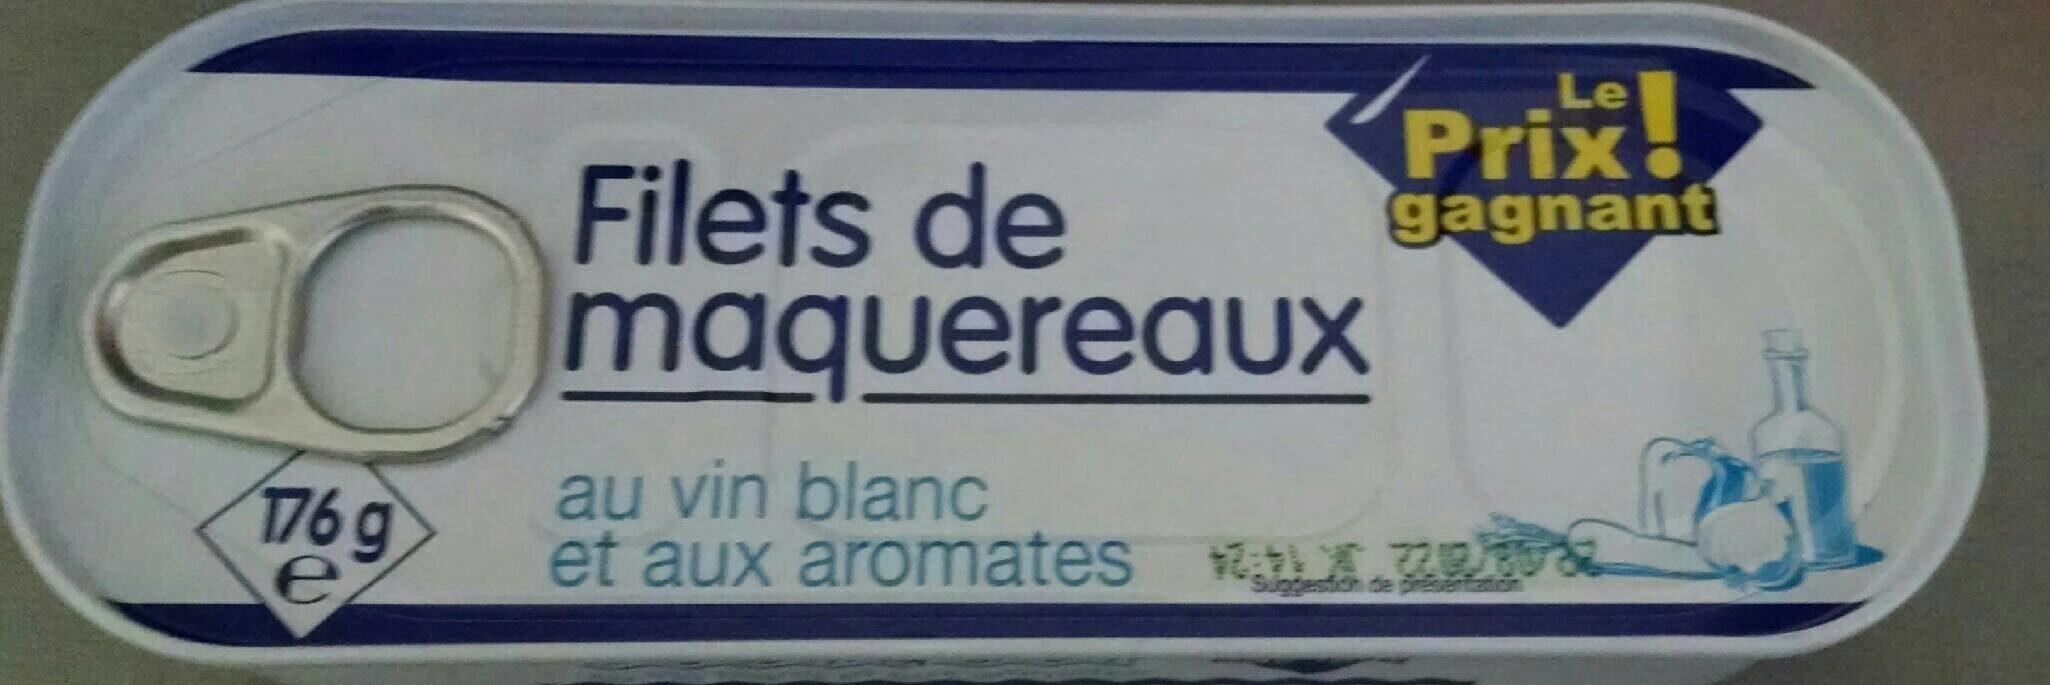 Filets de maquereaux au vin blanc - Produit - fr